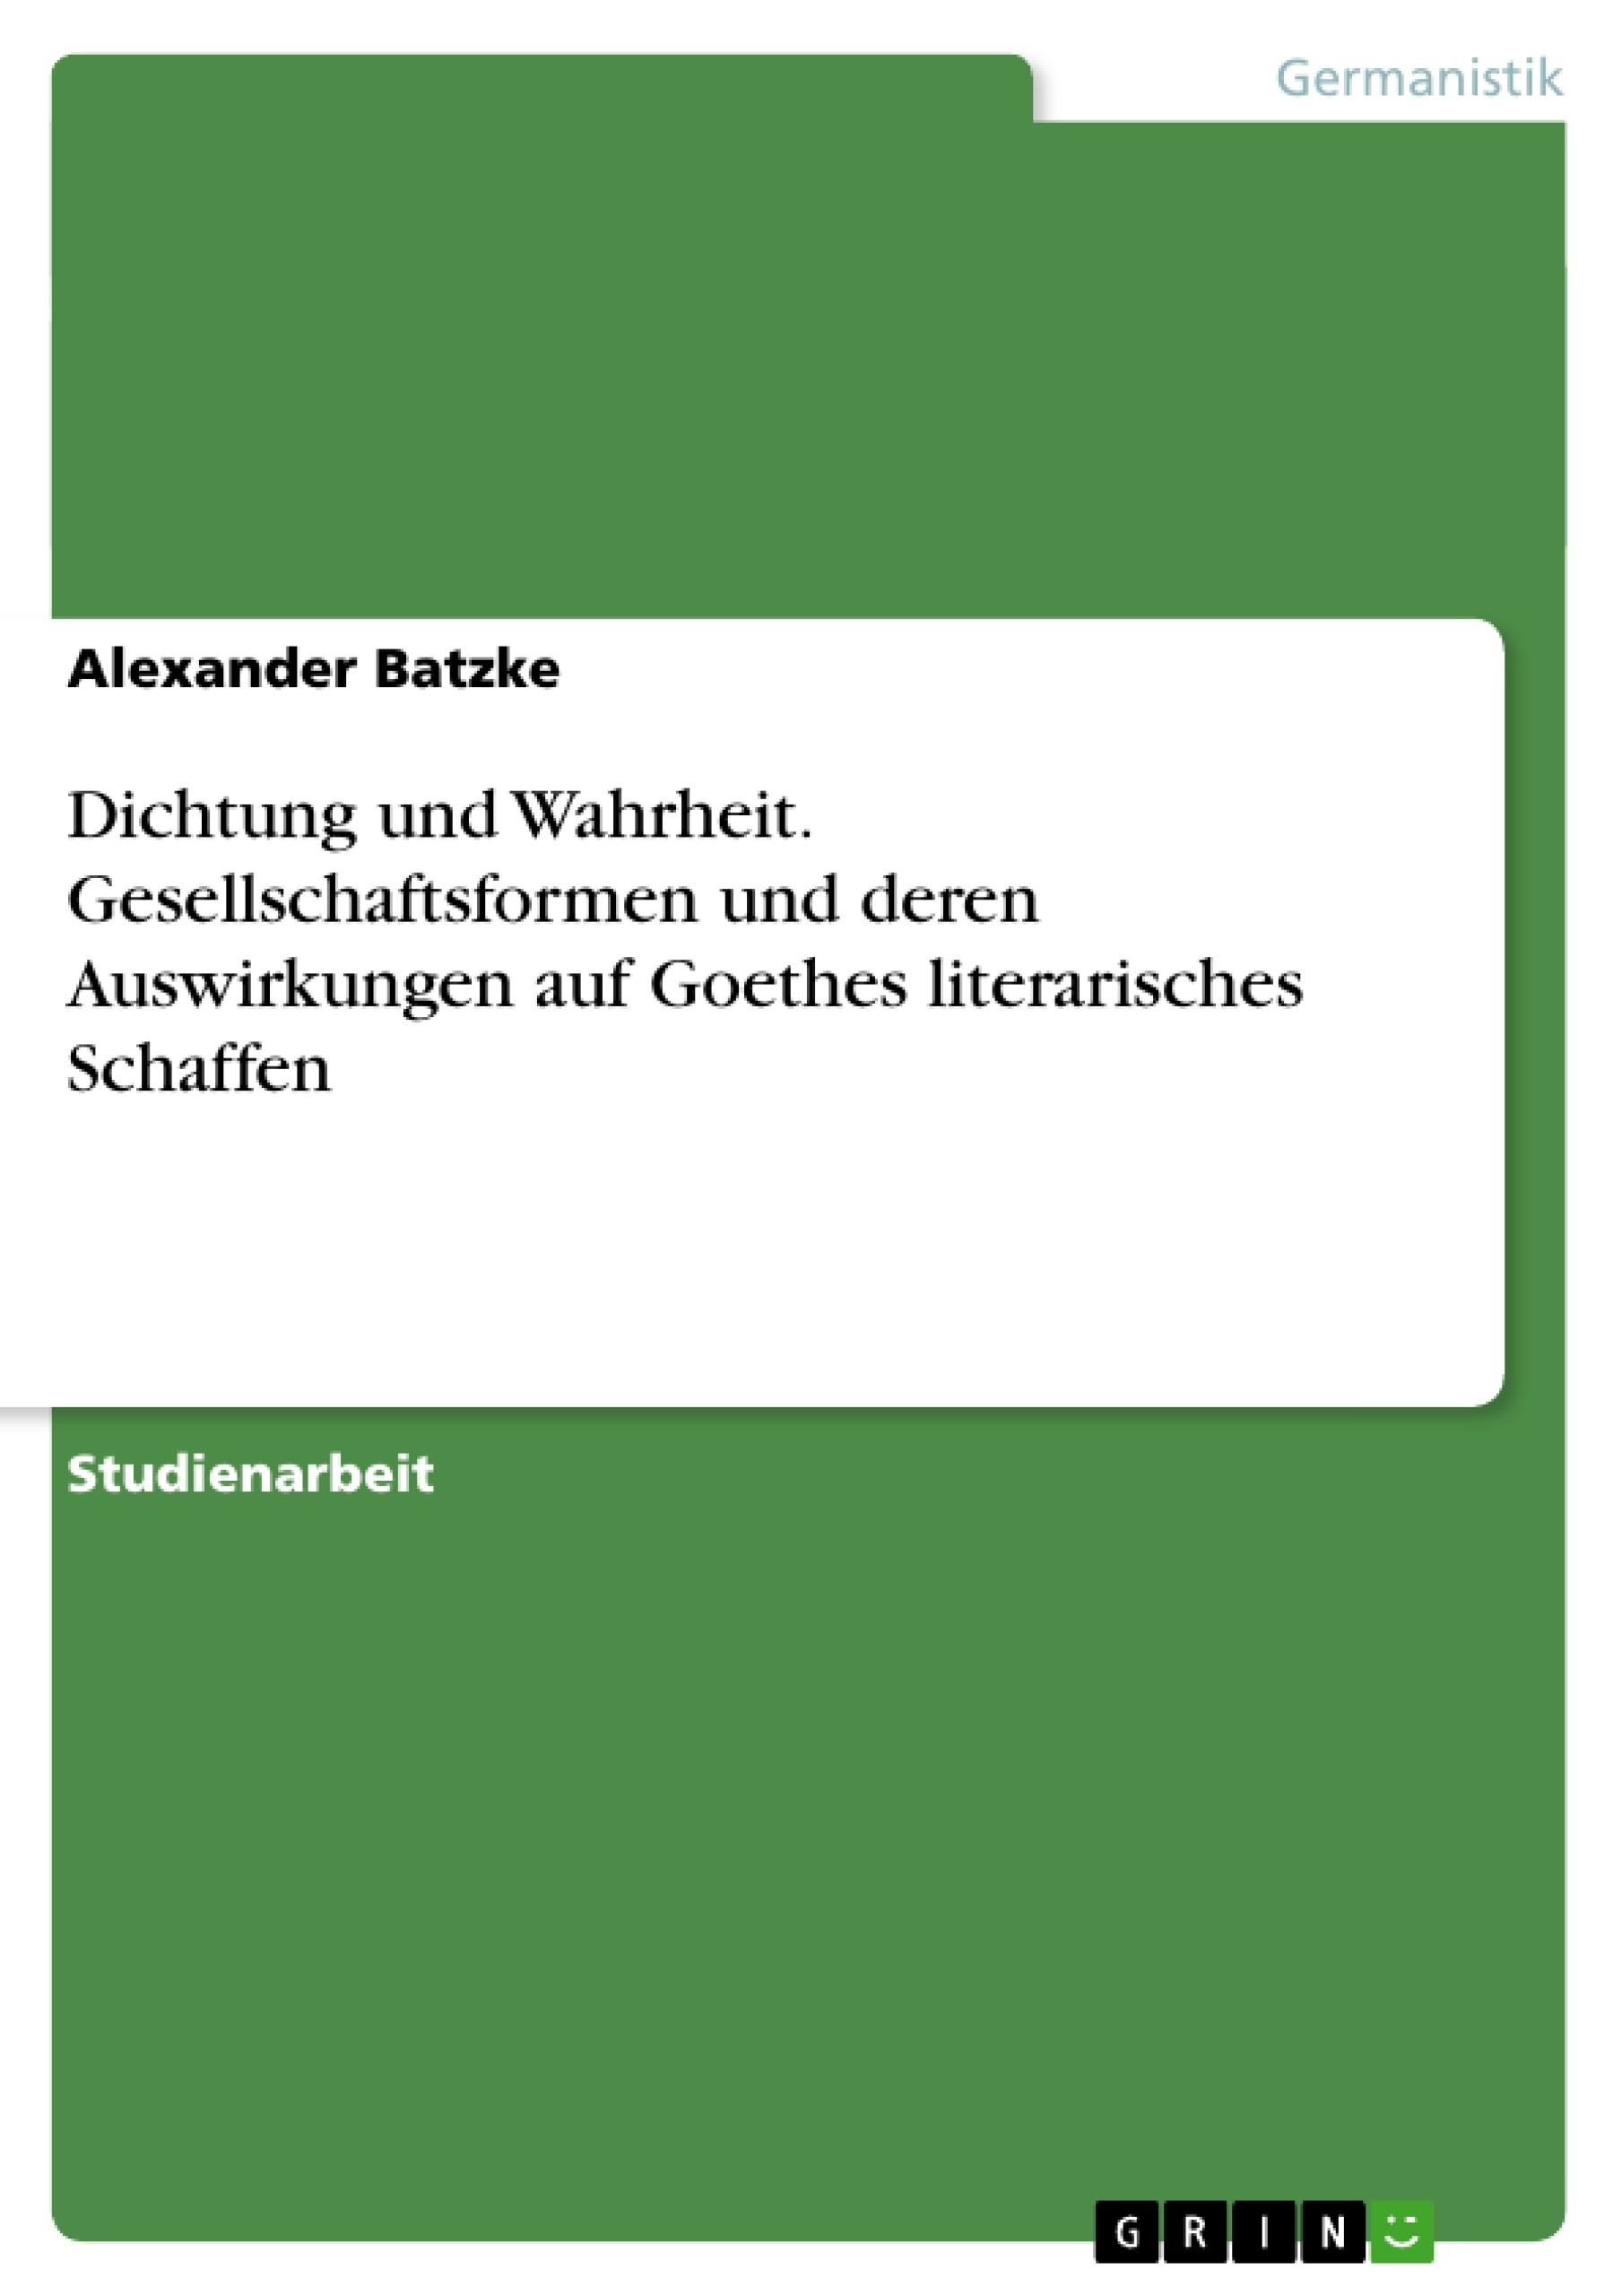 Titel: Dichtung und Wahrheit. Gesellschaftsformen und deren Auswirkungen auf Goethes literarisches Schaffen